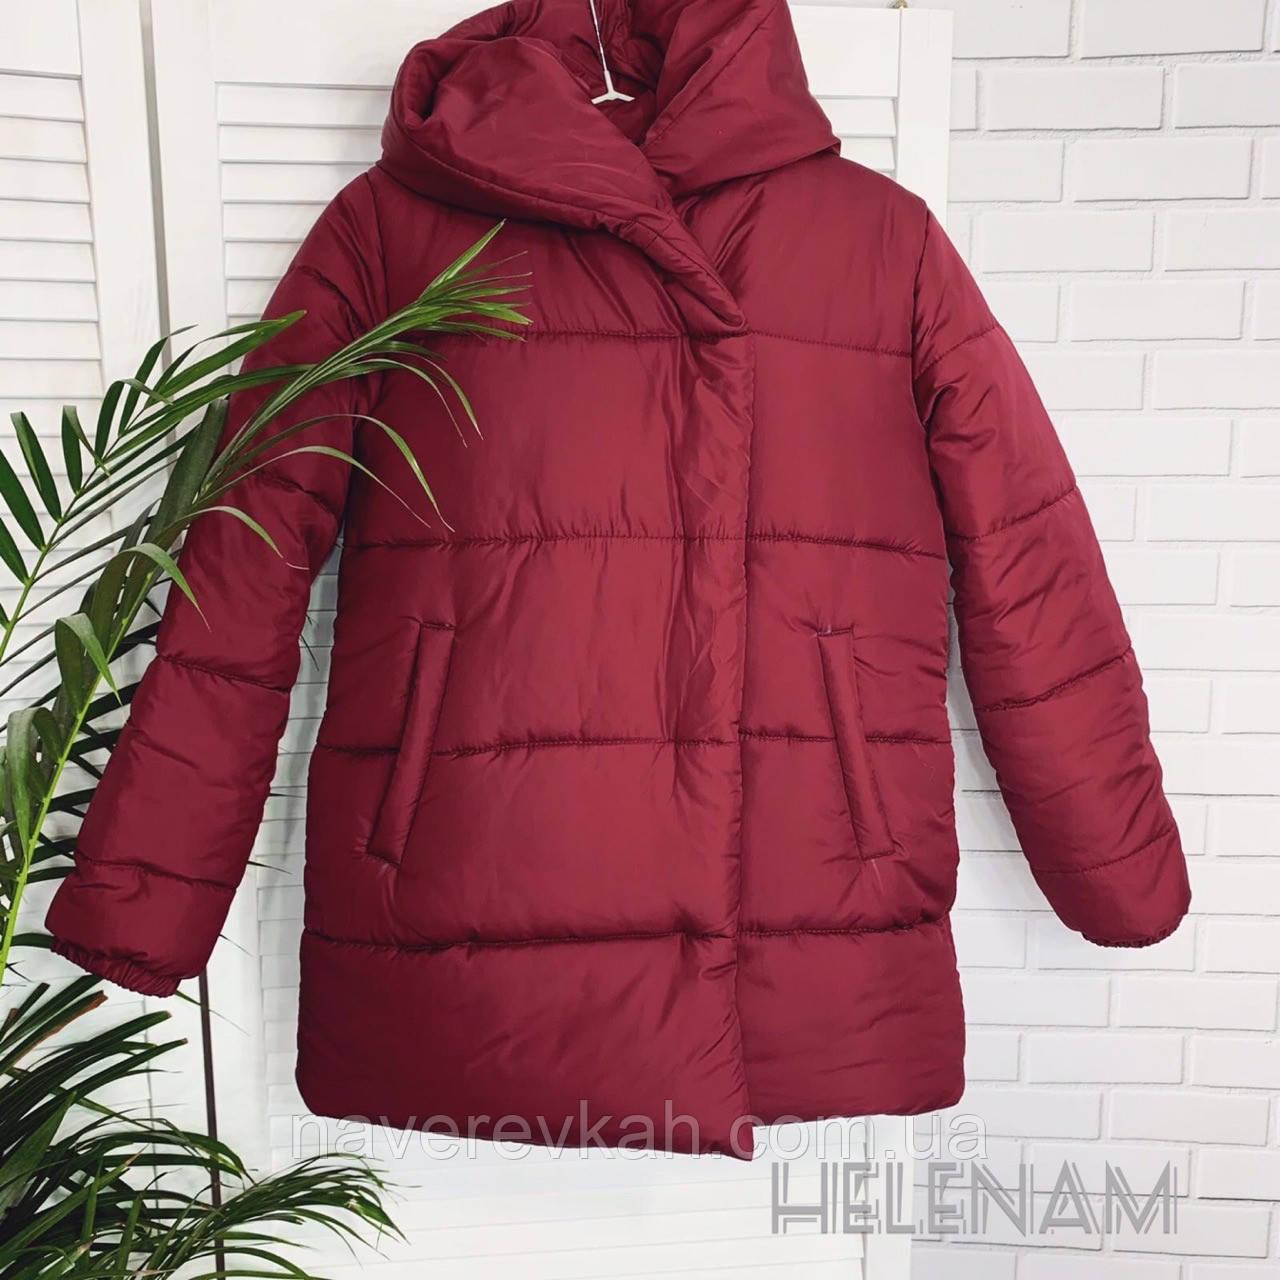 Женская зимняя теплая куртка на синтепоне черный марсала оливка 42 44 46